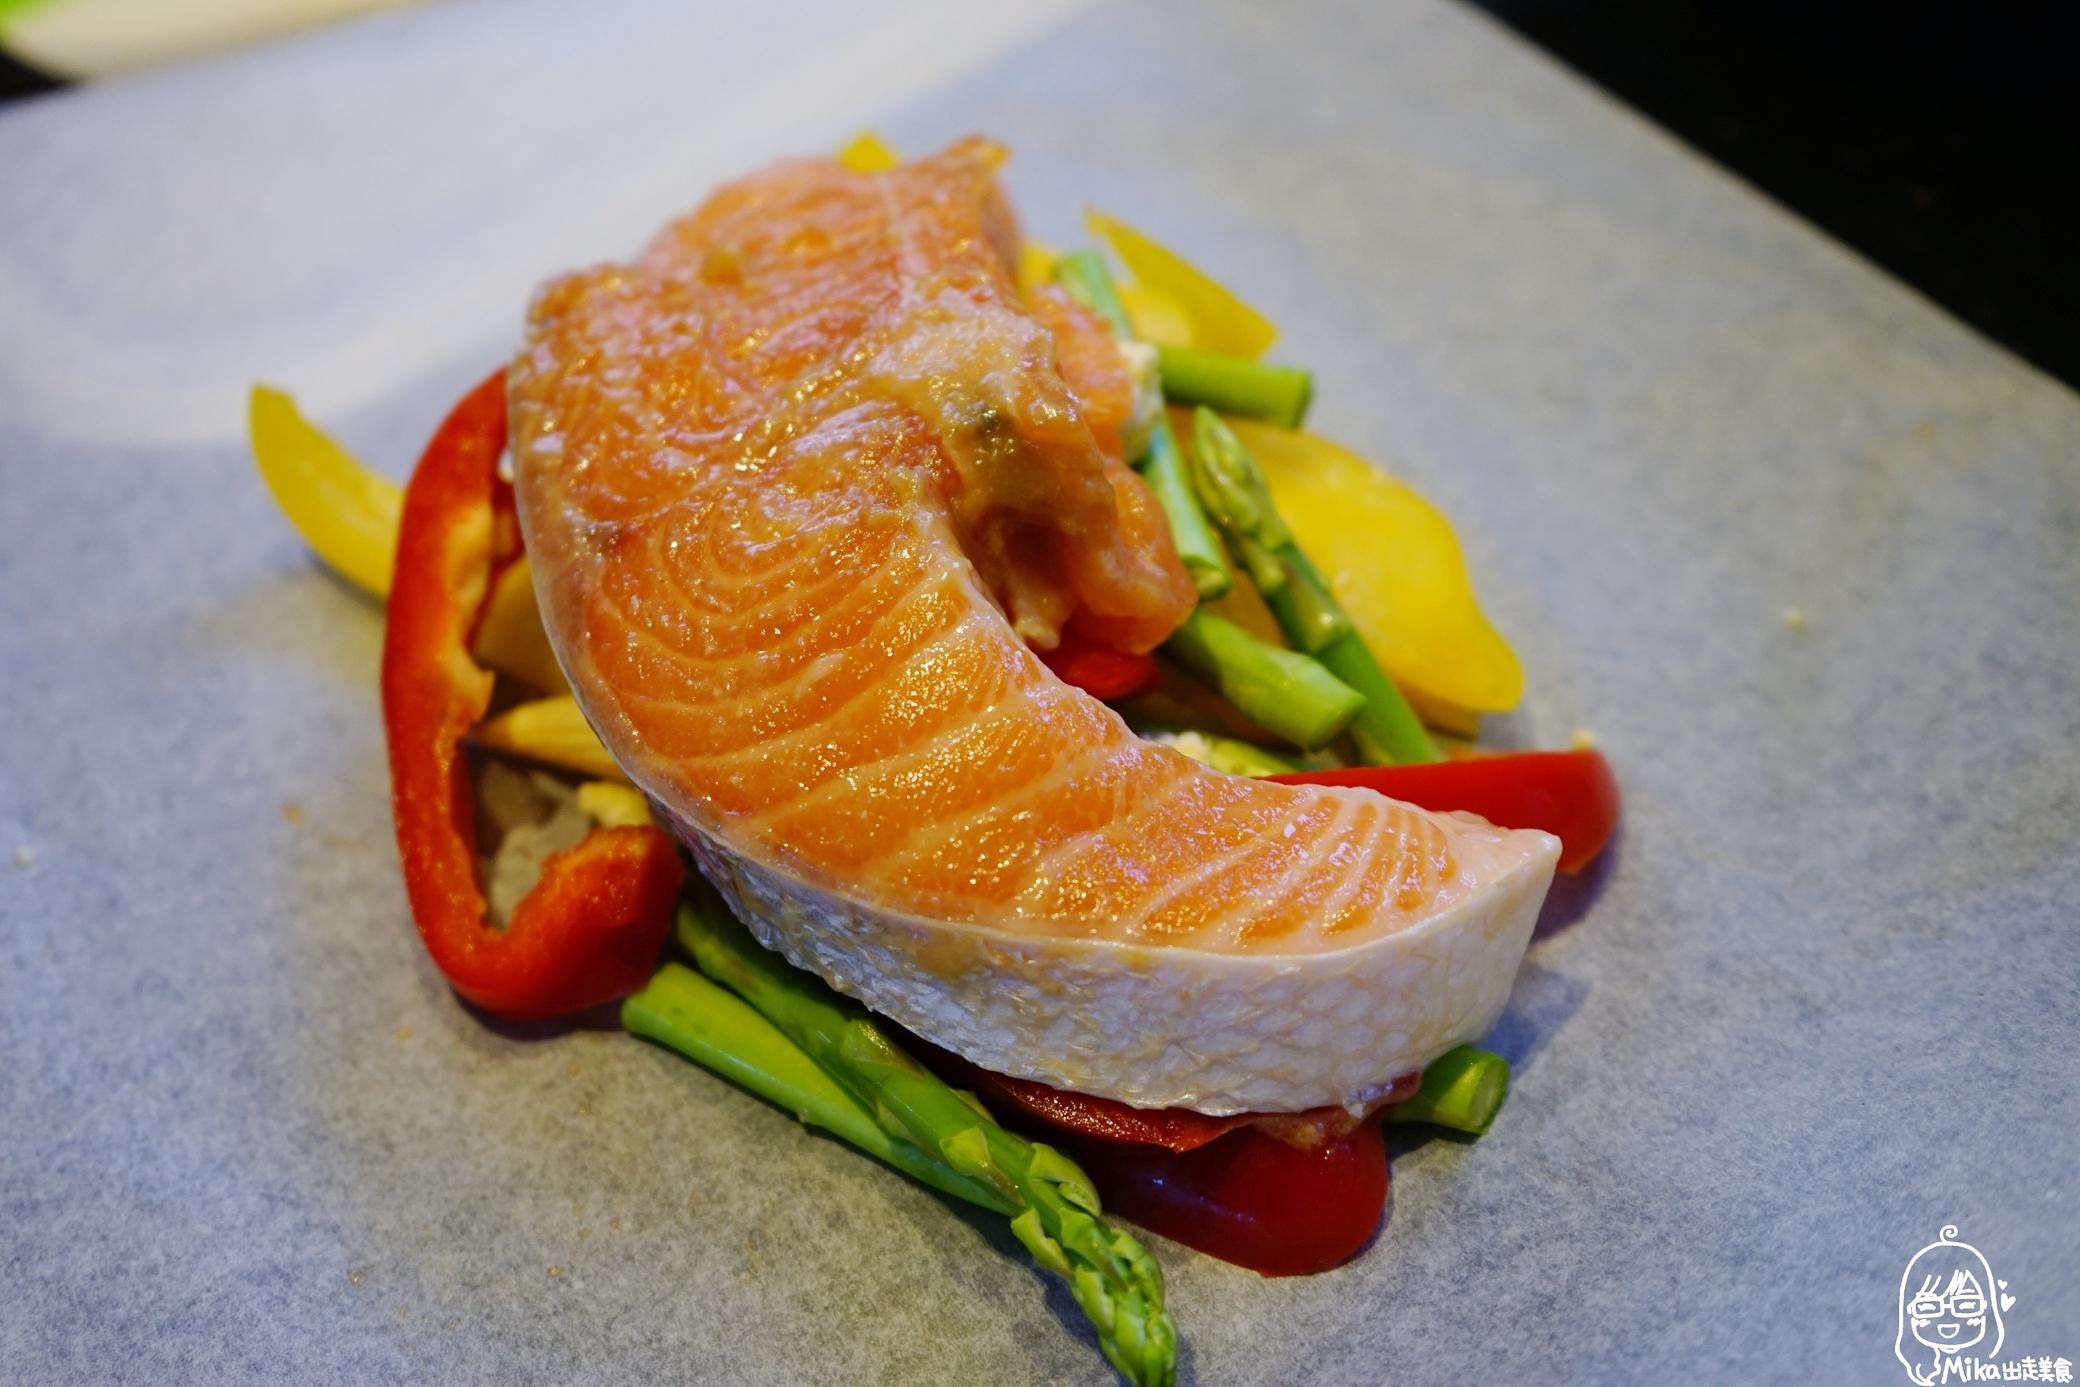 『懶人。料理』 氣炸時蔬味噌鮭魚|芷要上菜 氣炸鍋出好料 減醣健康美味又低脂 簡單又零失敗料理。